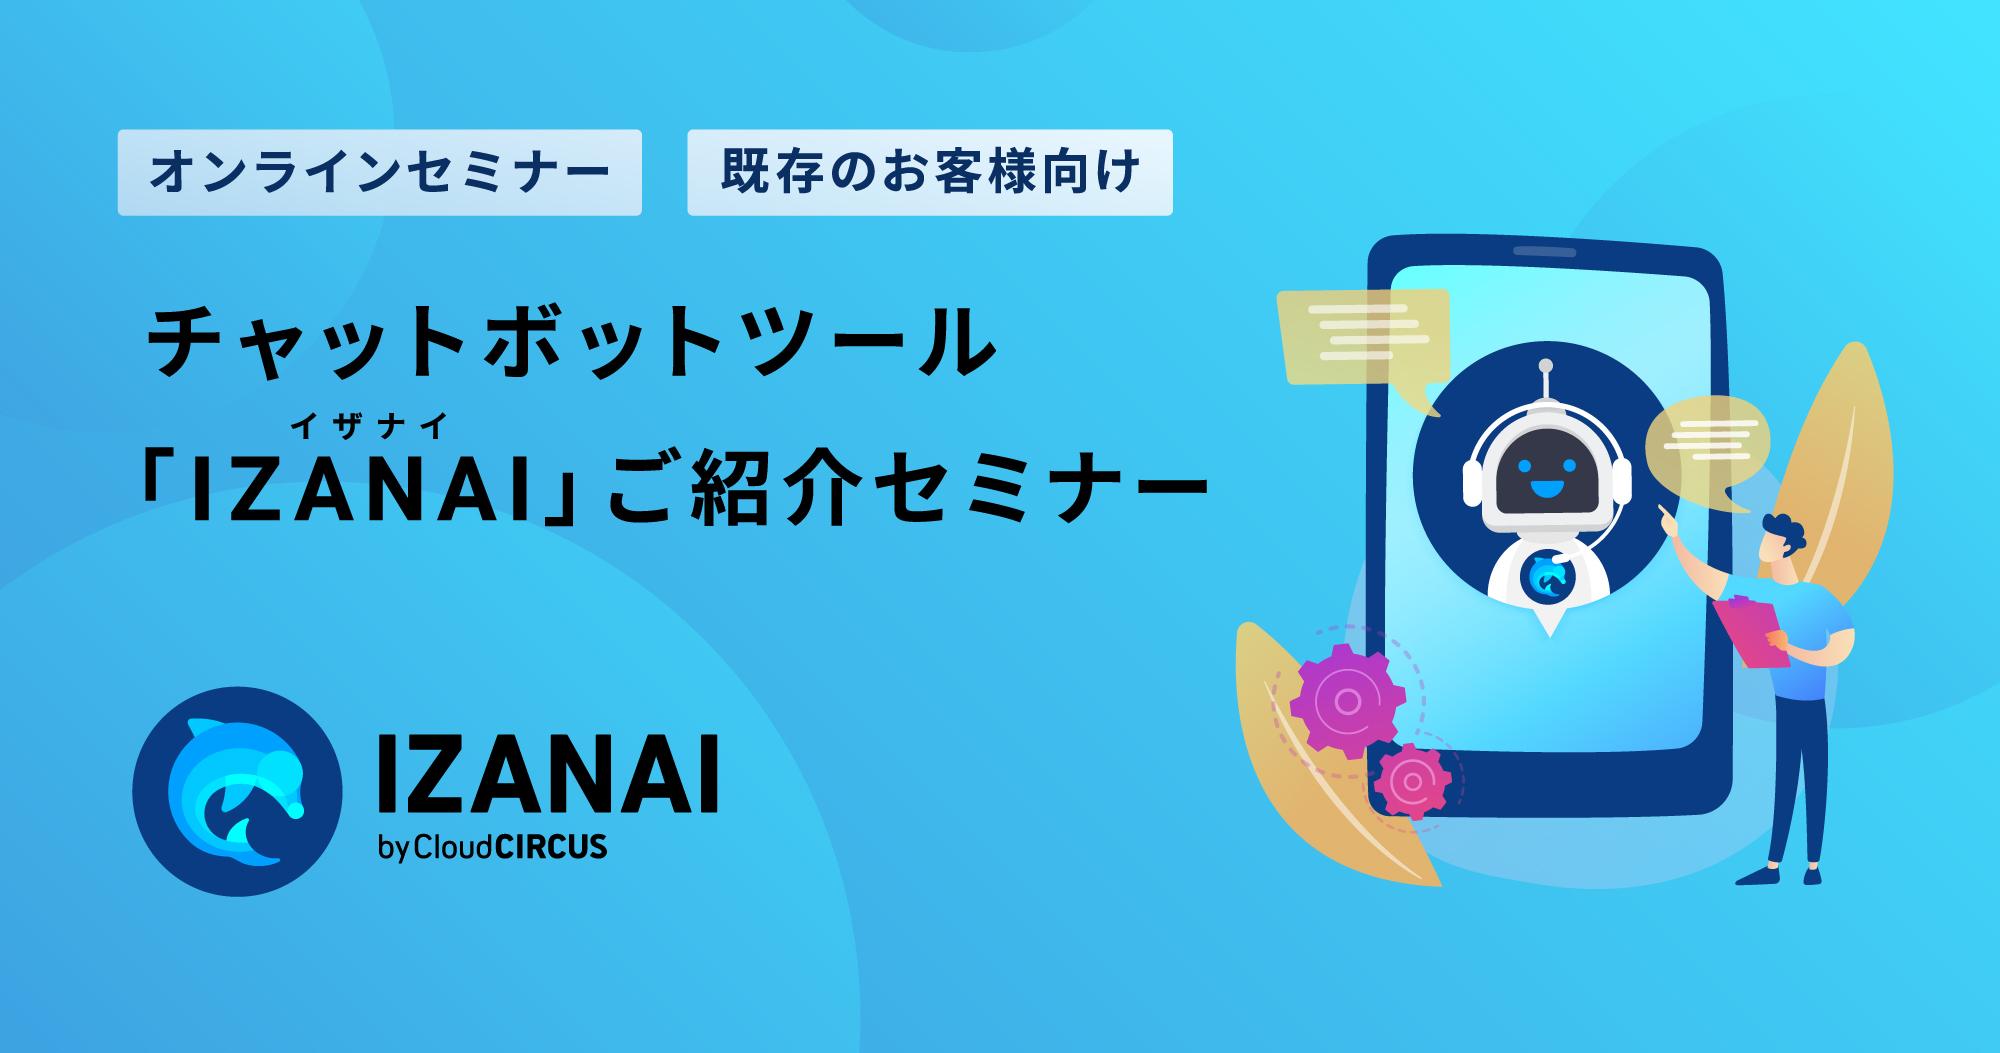 【6月16日(水)】【既存のお客様向け】チャットボットツール IZANAIご紹介セミナー